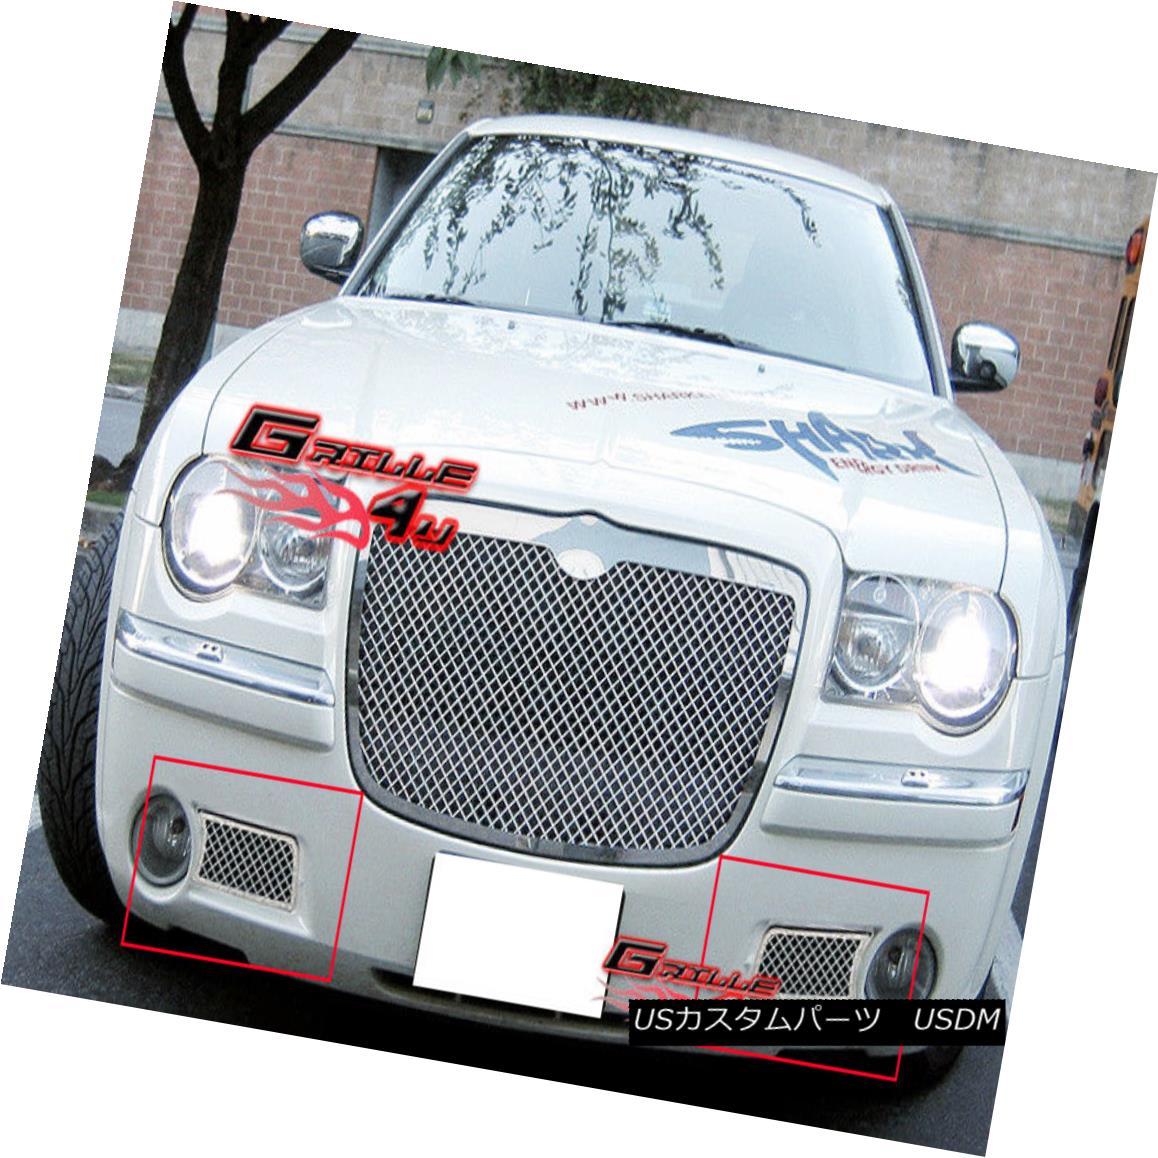 グリル For 05-10 Chrysler 300C Bumper Stainless Steel Mesh Grille 05-10クライスラー300Cバンパーステンレスメッシュグリル用